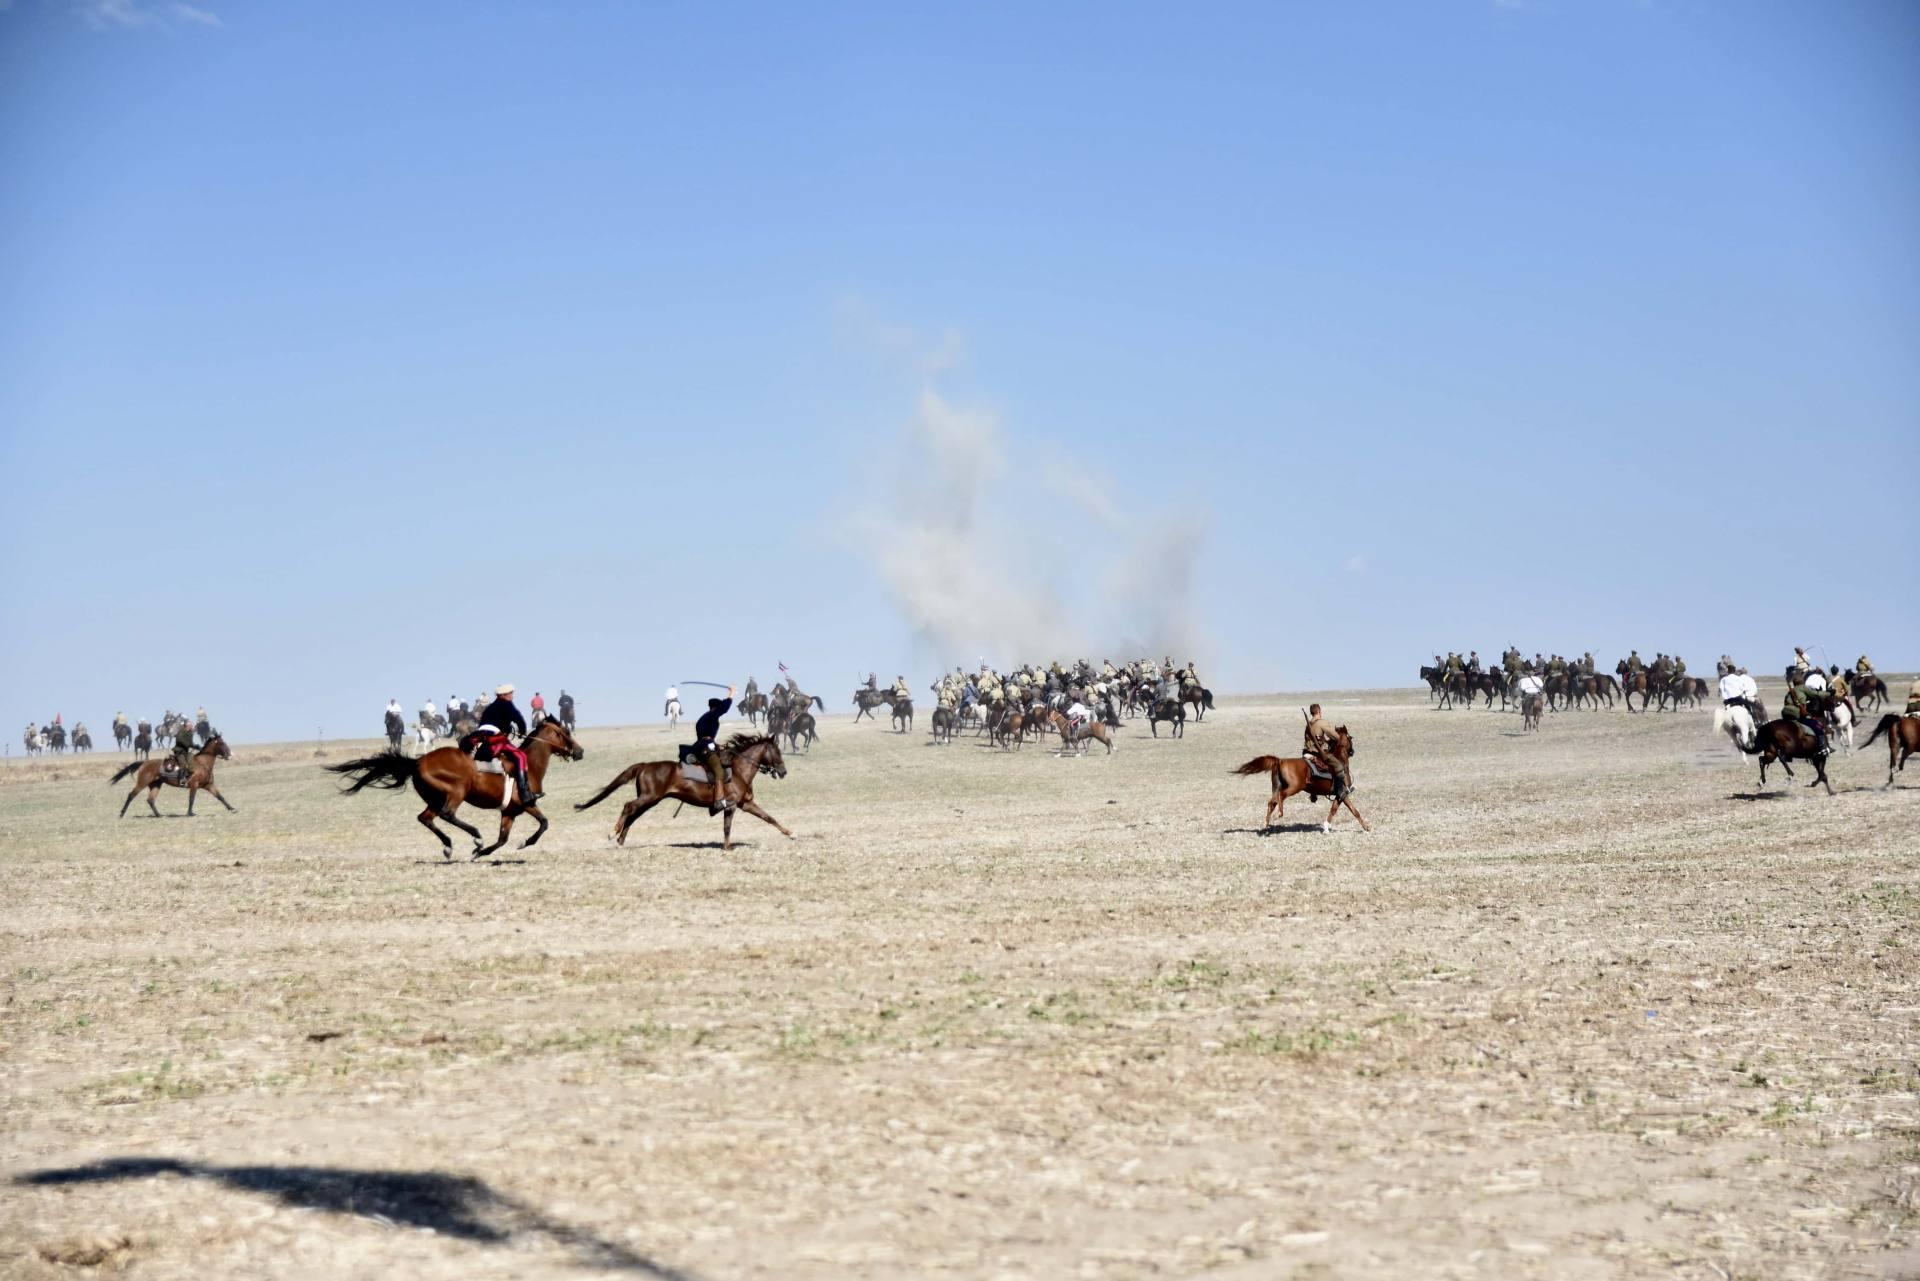 dsc 0986 Czas szabli - 100 rocznica bitwy pod Komarowem(zdjęcia)